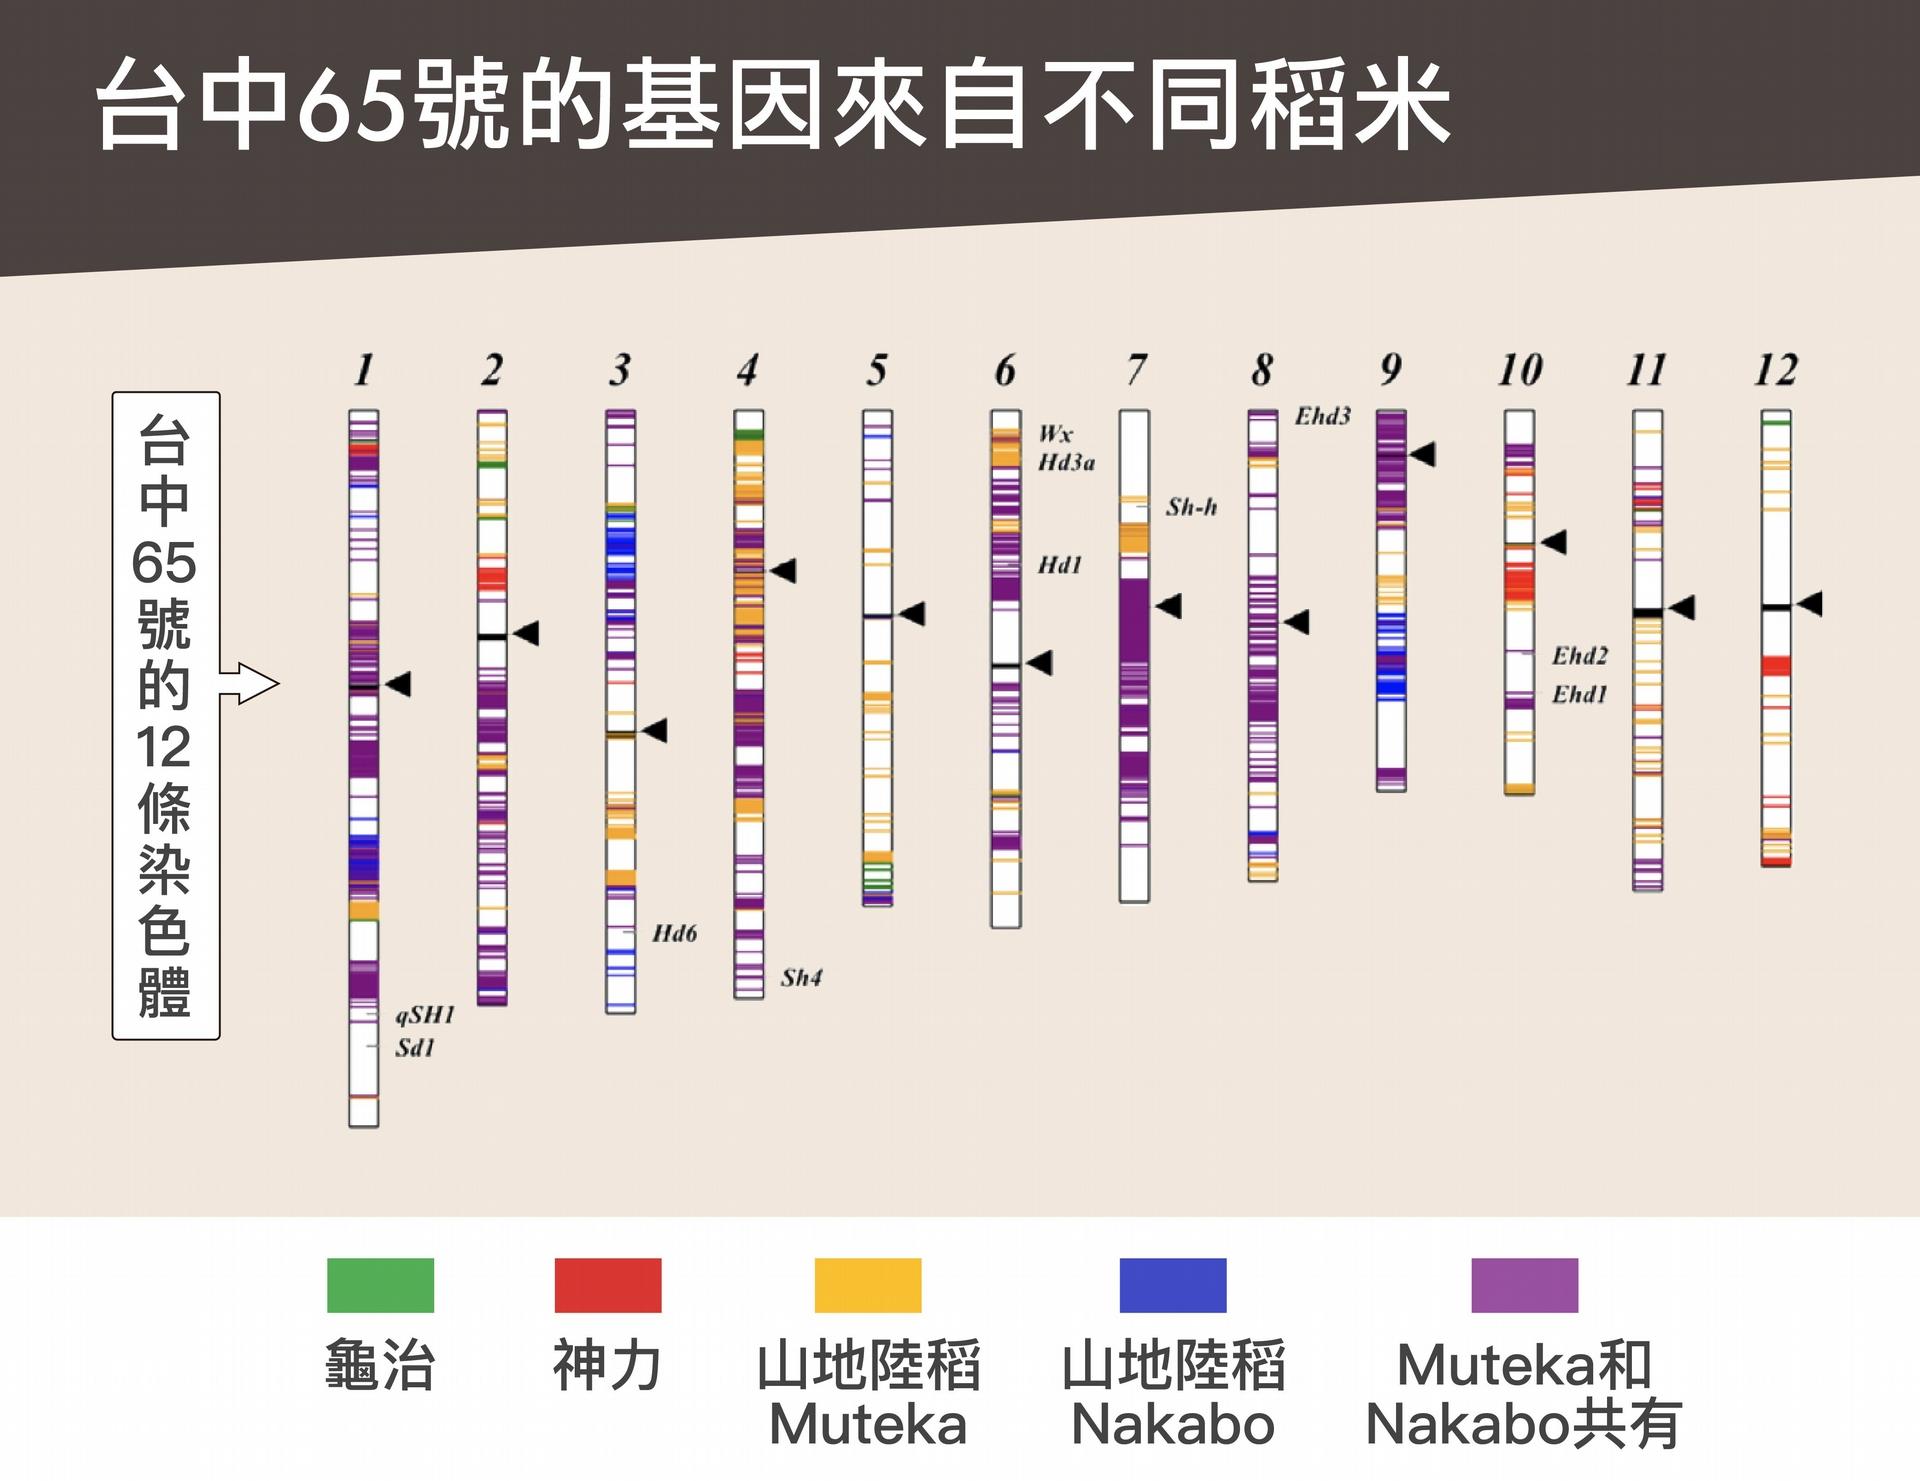 透過基因定序分析發現,臺中 65 號其實帶有四種品種的基因:龜治、神力、山地陸稻 Muteka 和 Nakabo。 <br>資料來源│邢禹依